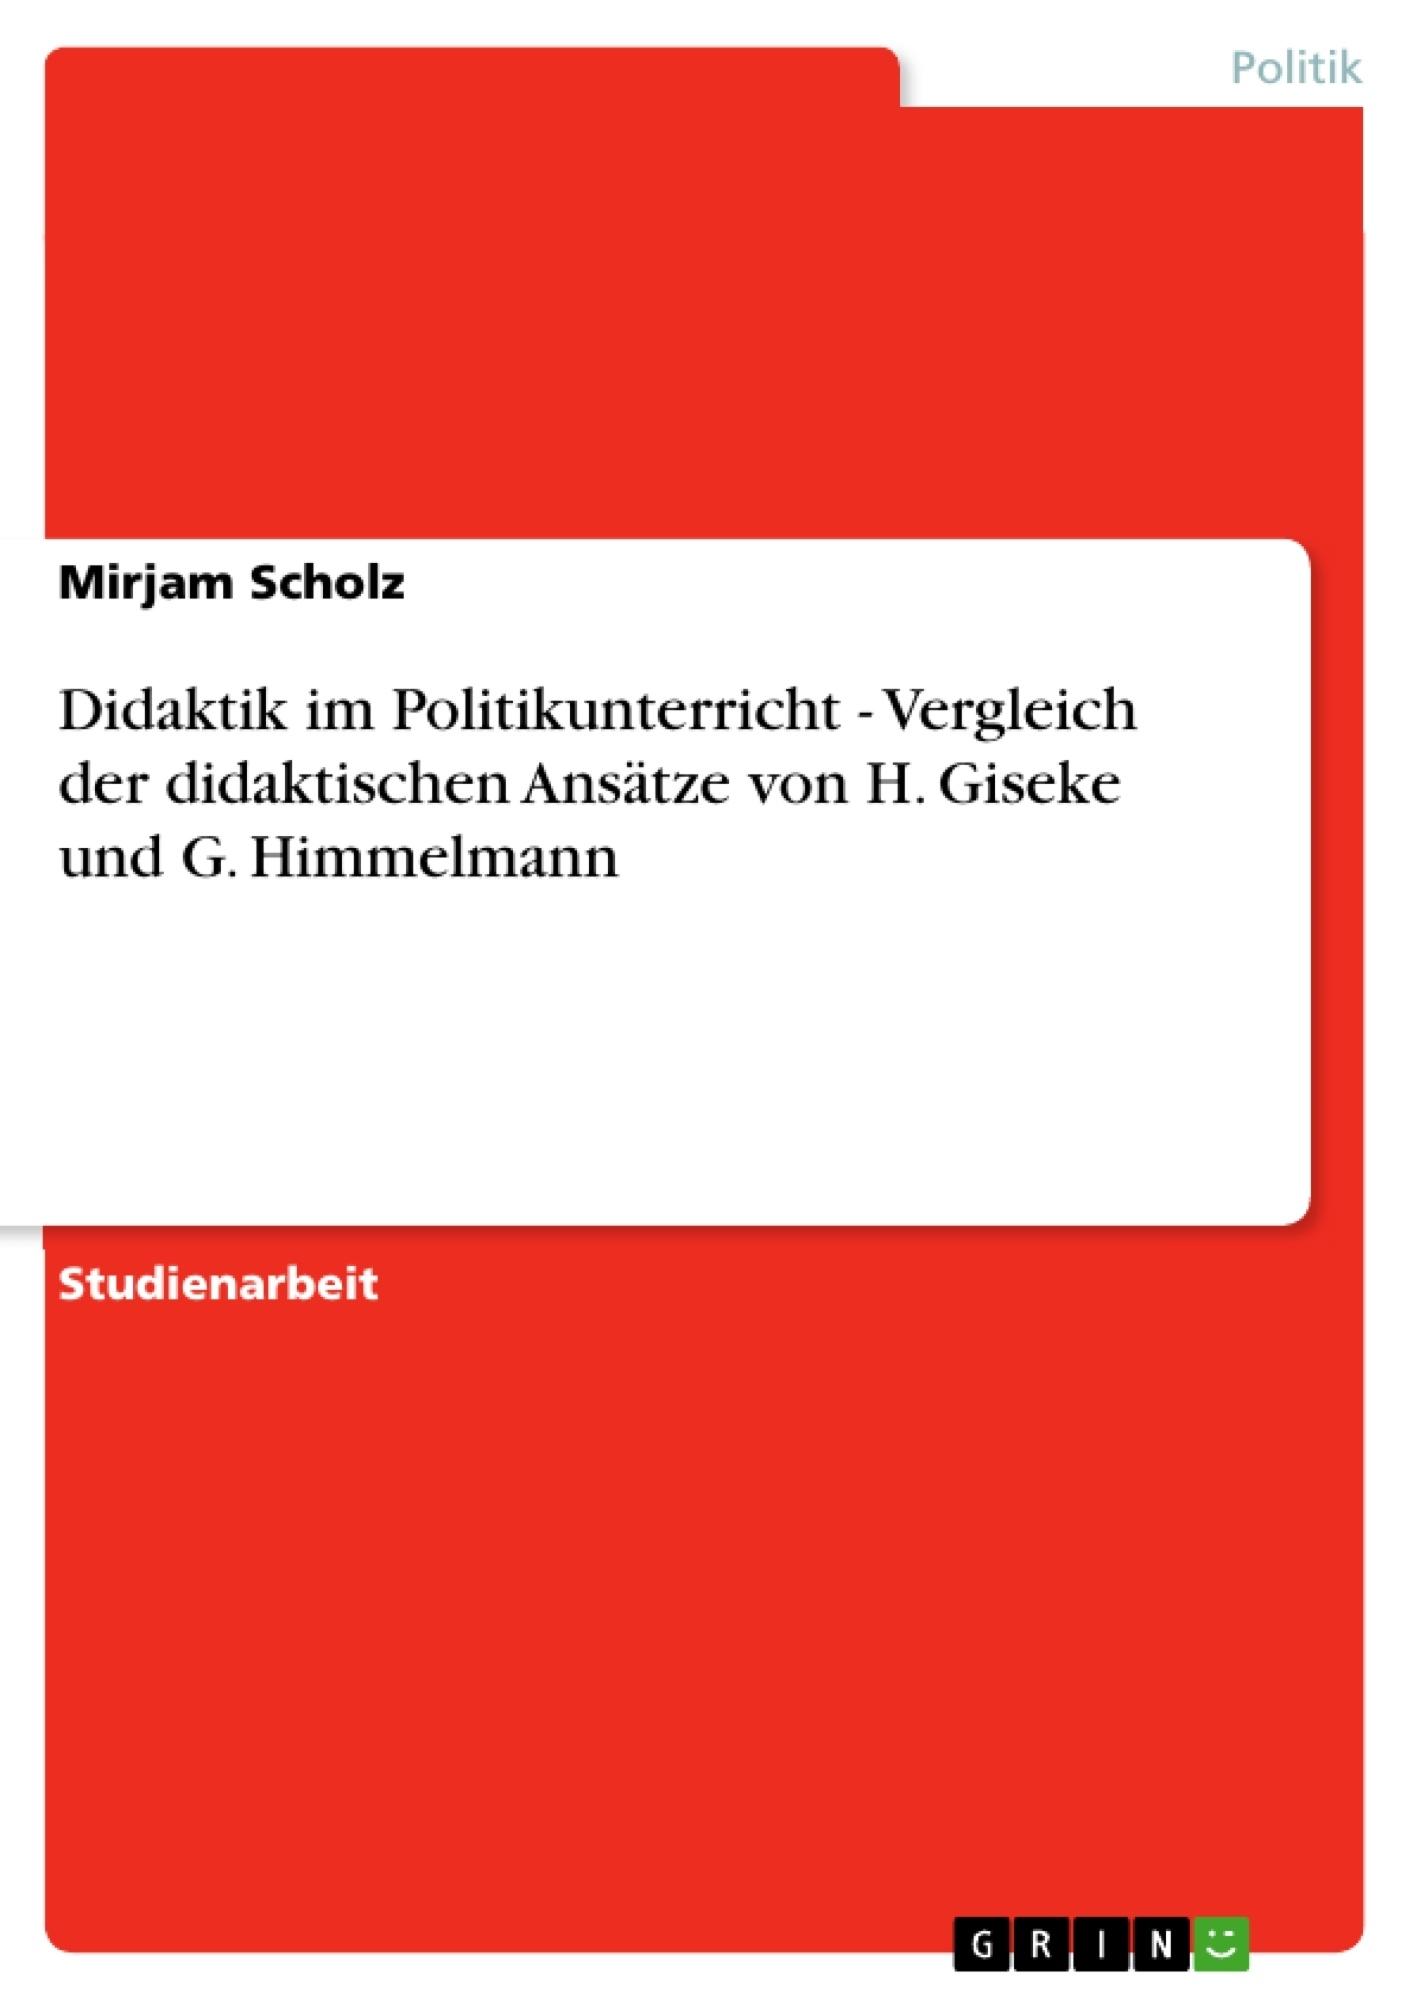 Titel: Didaktik im Politikunterricht - Vergleich der didaktischen Ansätze von H. Giseke und G. Himmelmann